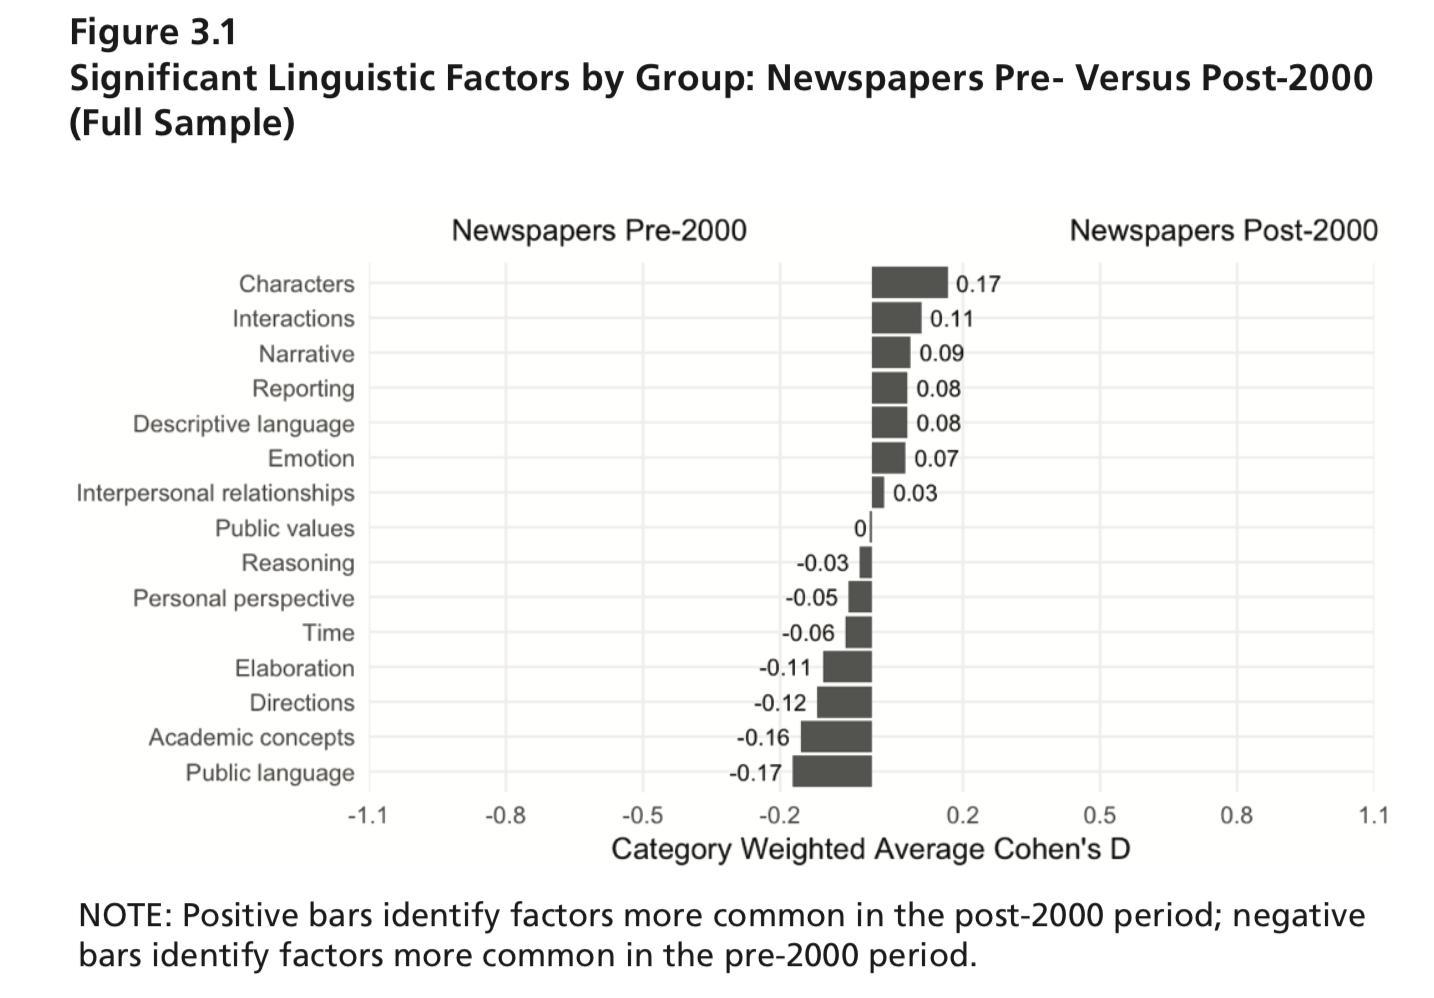 دراسة مقارنة بين الصحف قبل عام 2000 وبعده